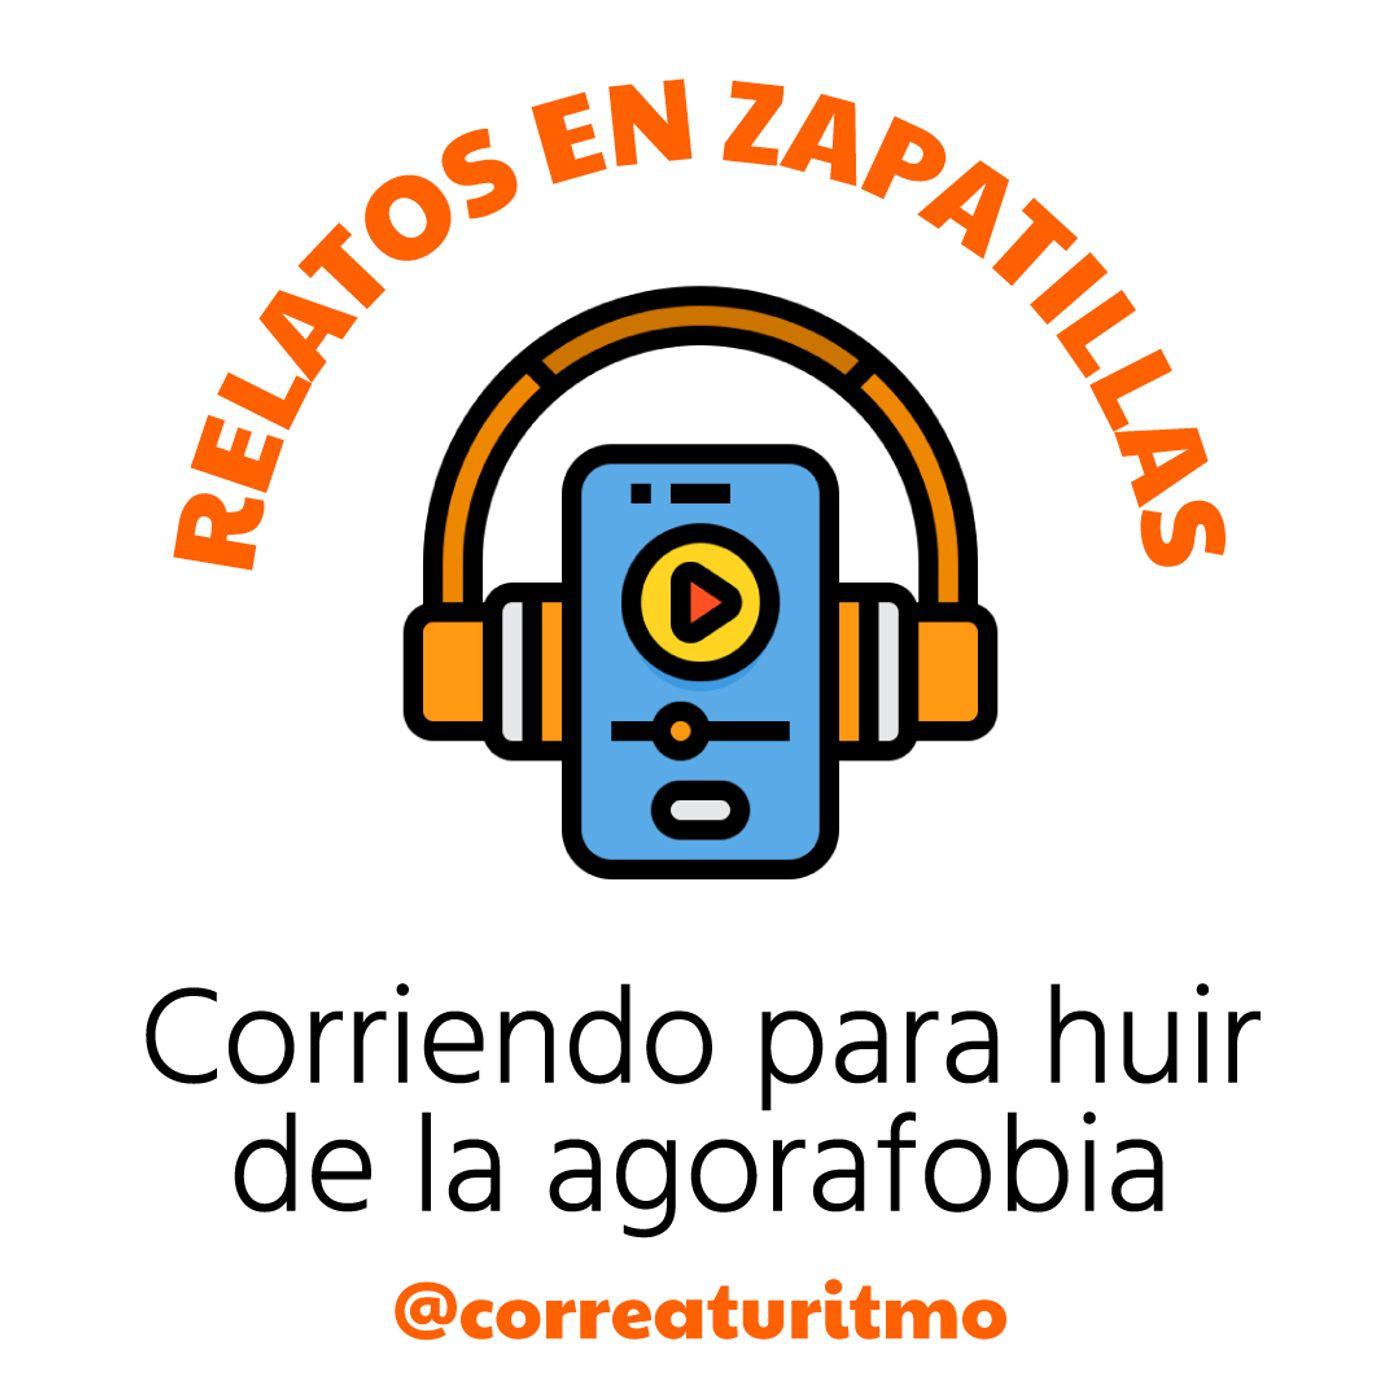 Relatos en Zapatillas #4 - Corriendo para huir de la agorafobia